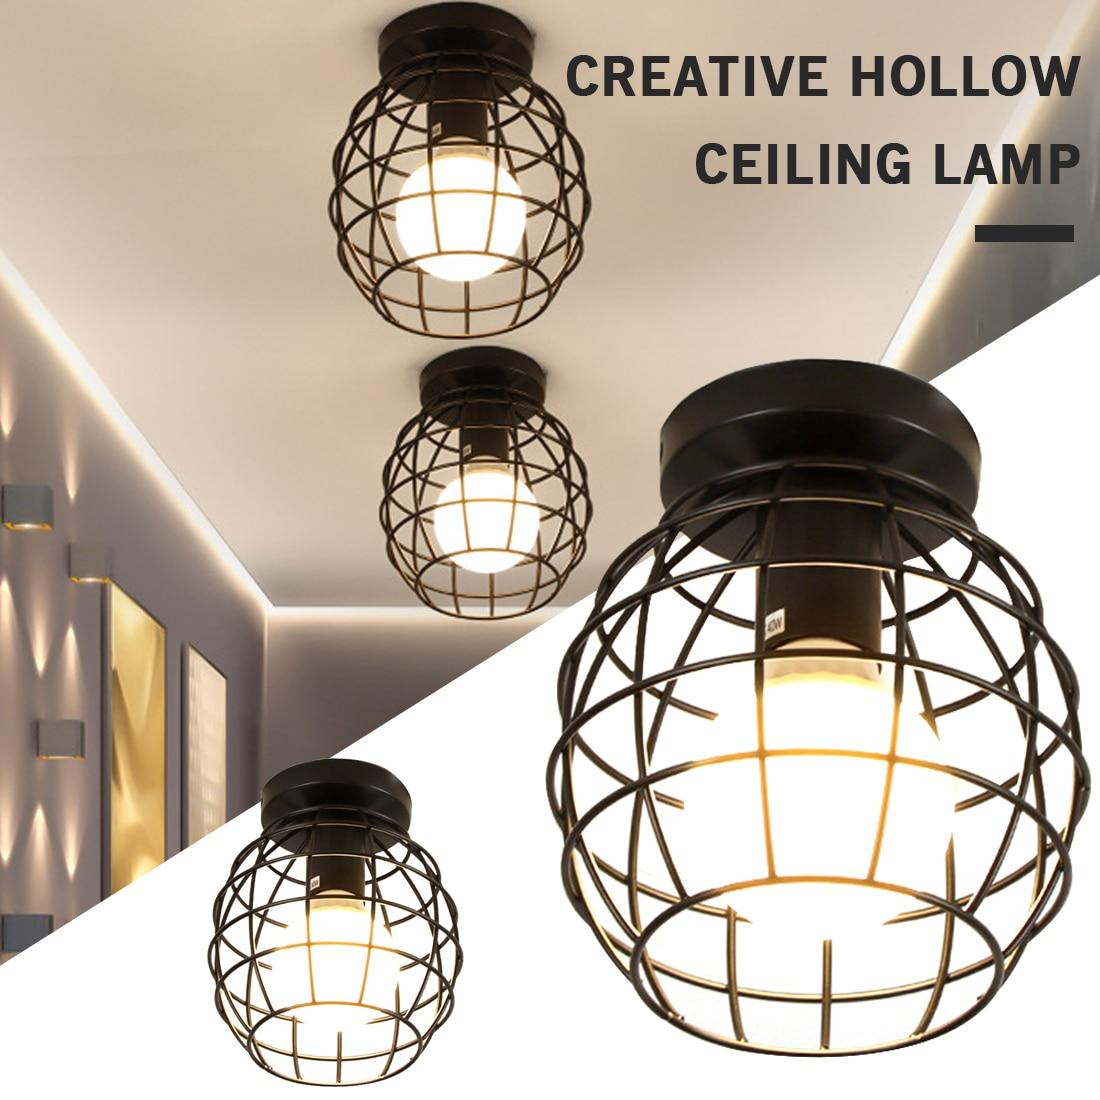 Железные двери Творческий светильник проход потолочный светильник s минималистические винтажные балкон, потолочный светильник для кухни ф...